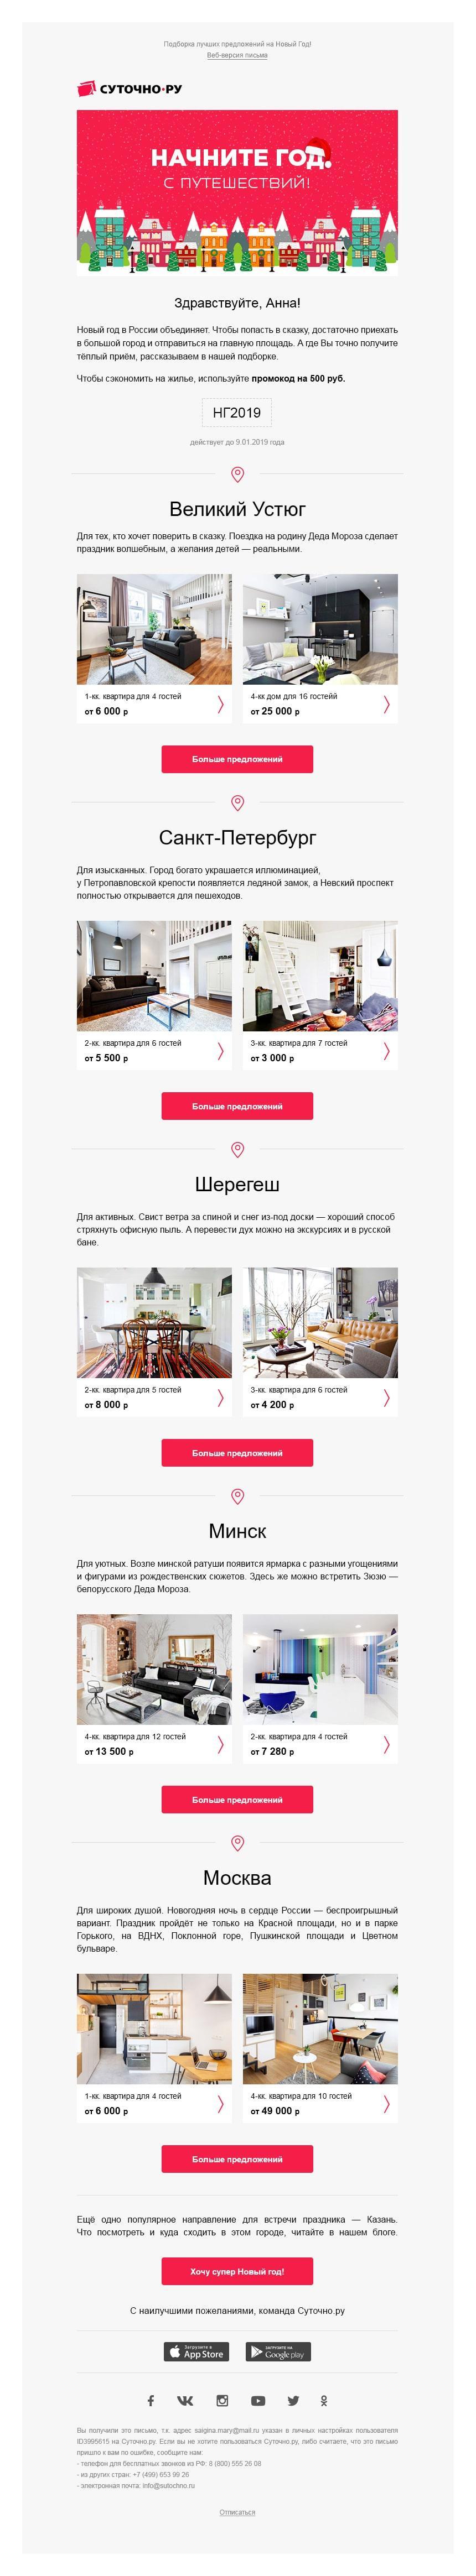 Предложение аренды